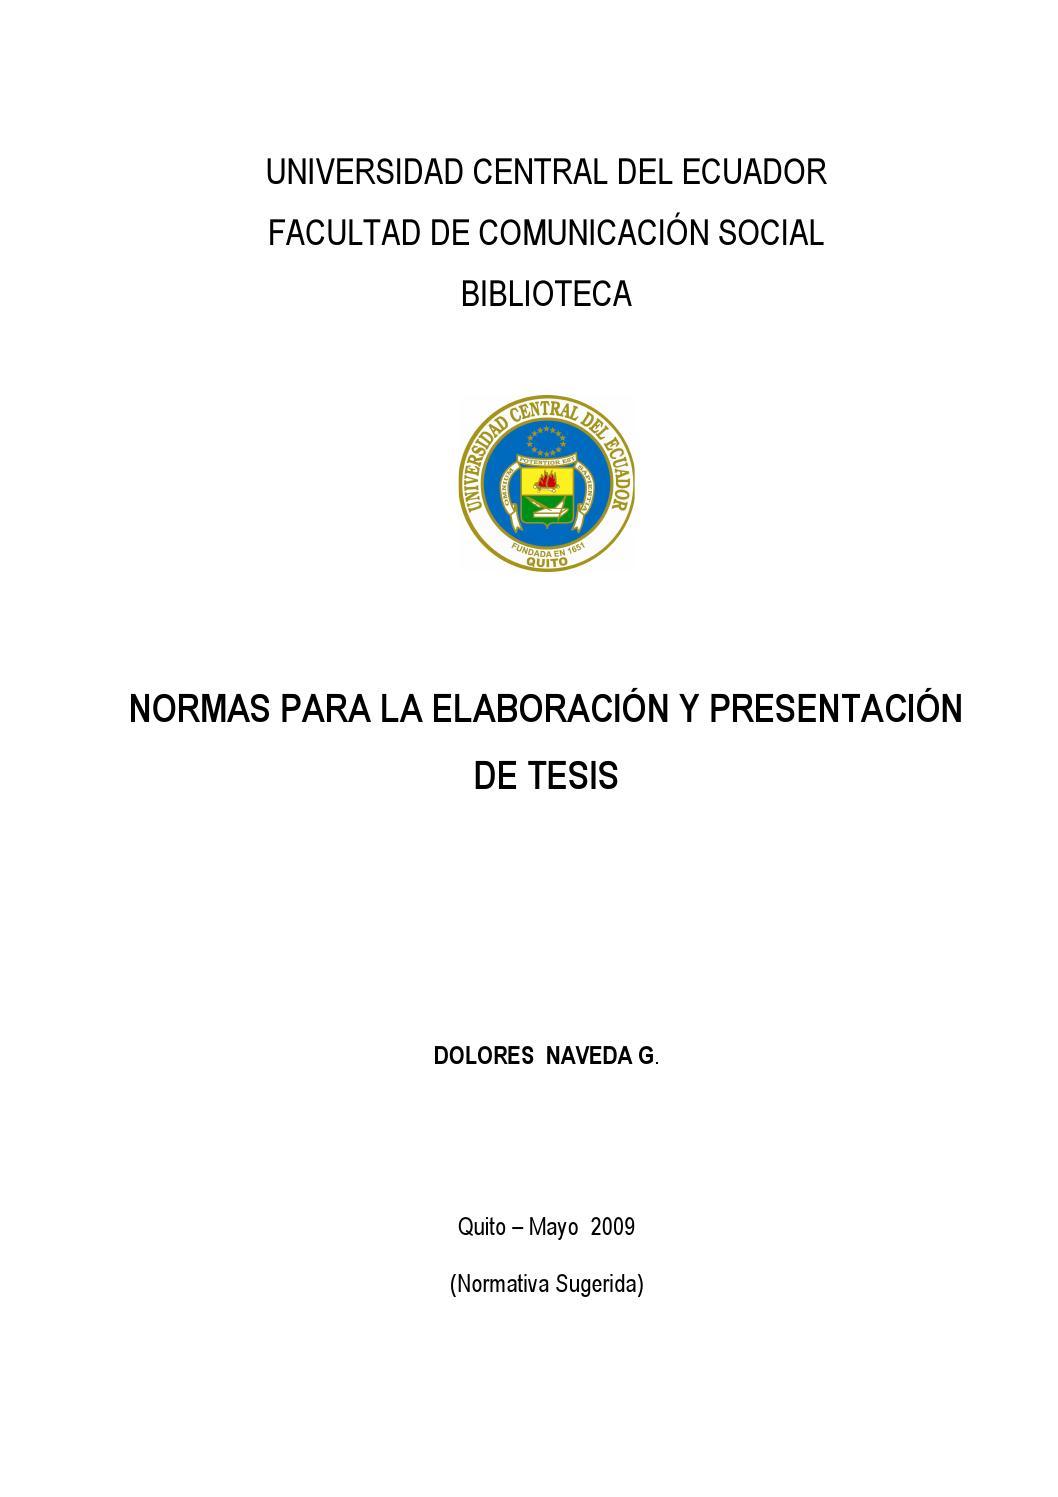 Protocolo de tesis como se hace una tesis (4) 2 by Facultad ...